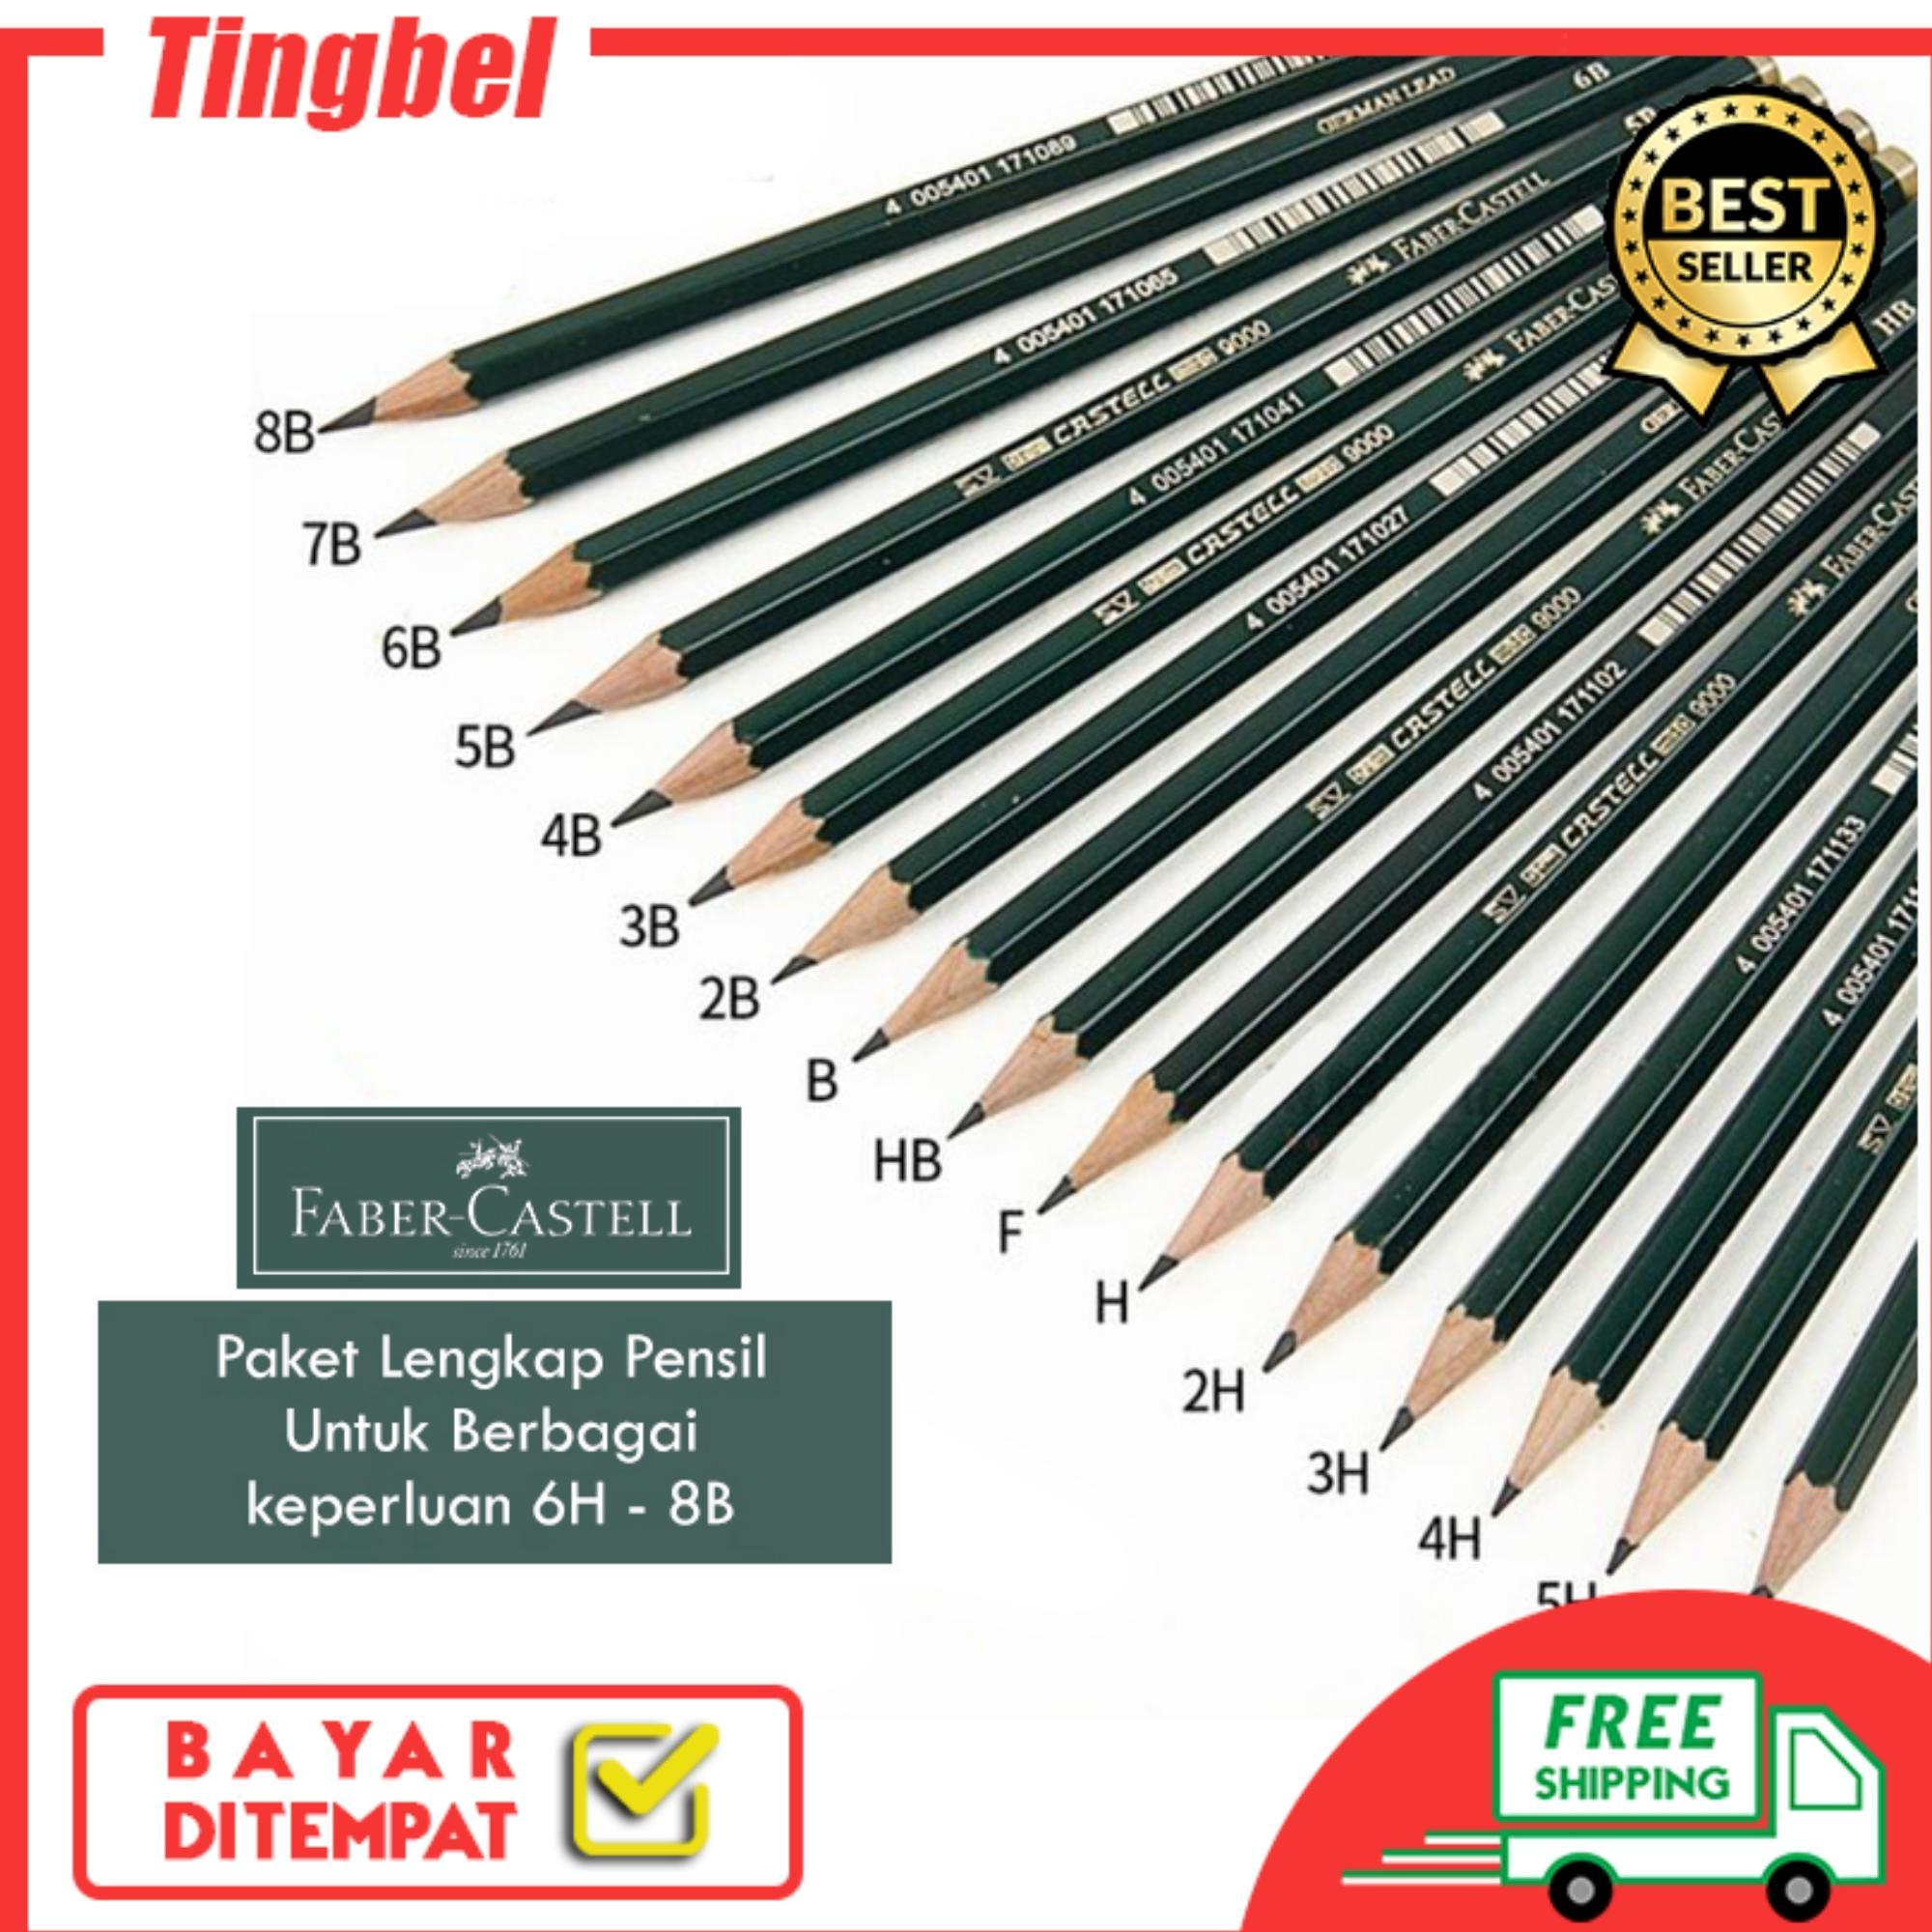 Original Pensil Faber Castell 2B / Pinsil Kayu Faber Castell 8B - 6H